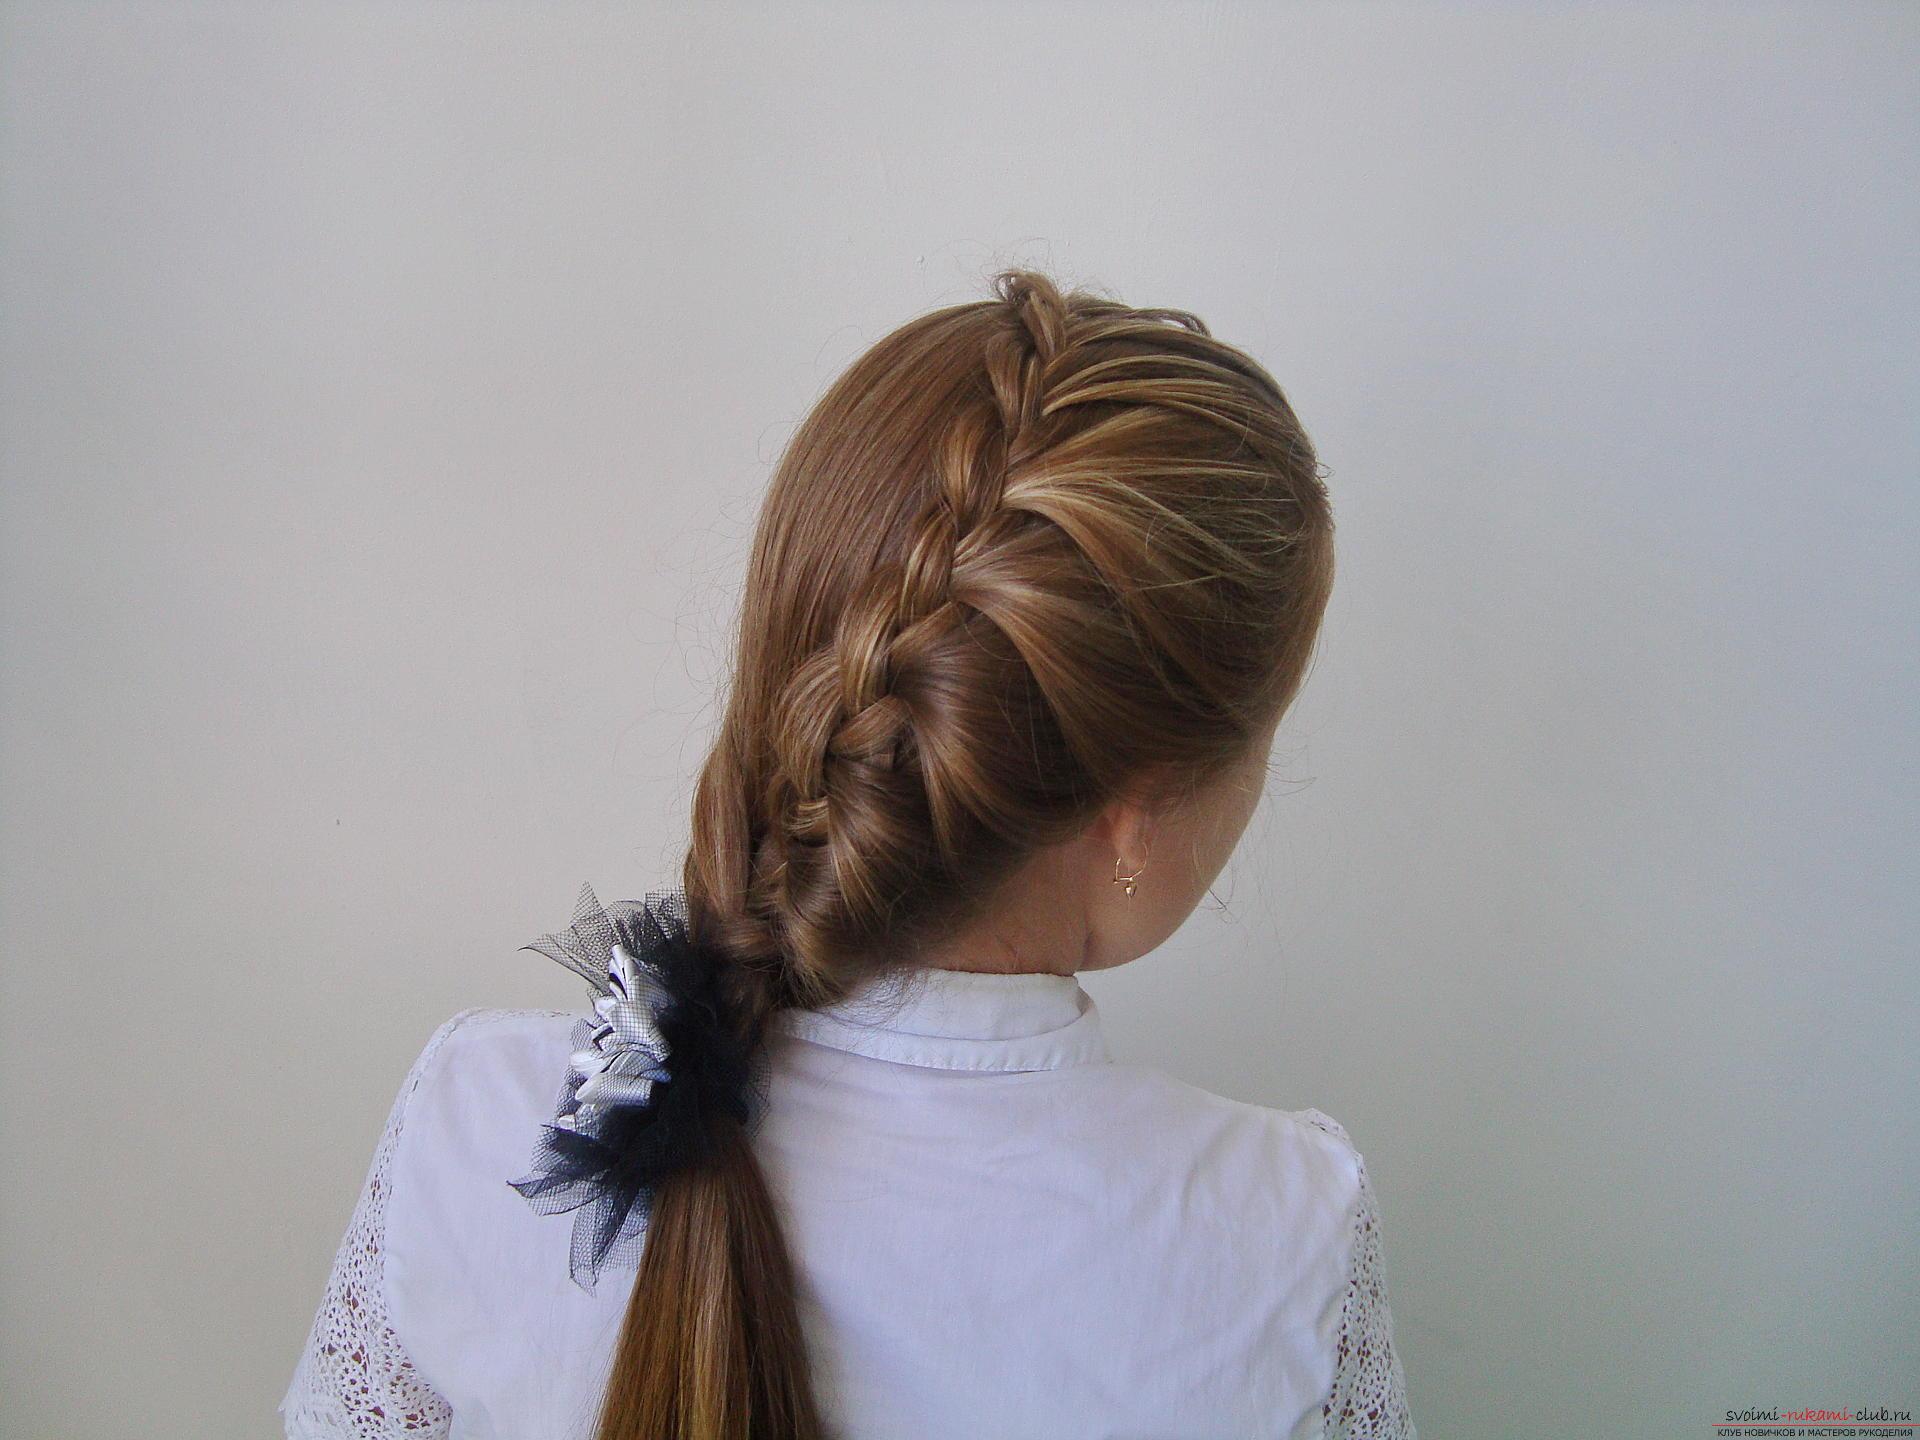 Урок по плетению косы на длинные волосы для девочки в школу. Фото №1